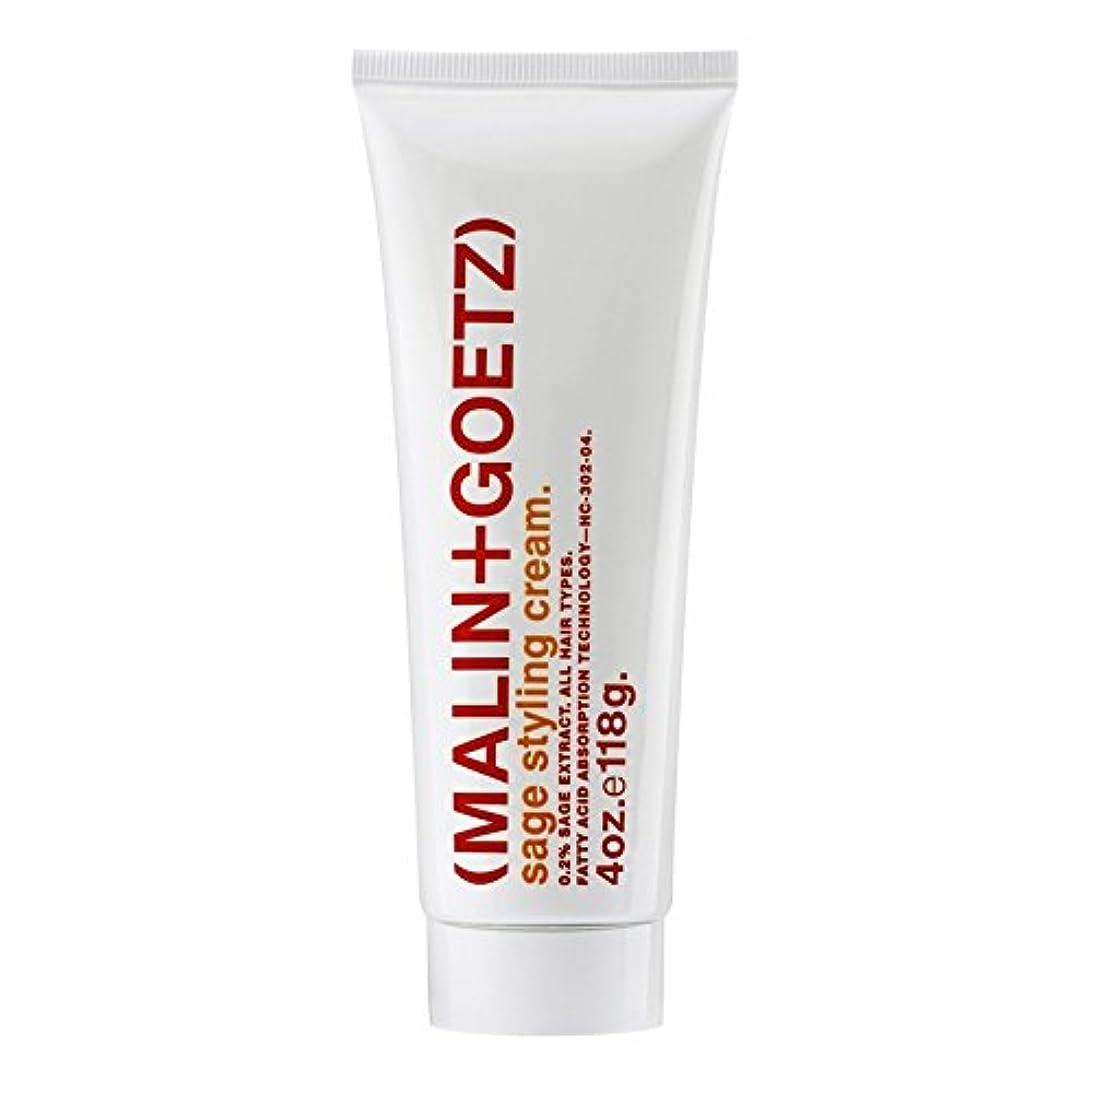 形人気咽頭MALIN+GOETZ Sage Styling Cream - マリン+ゲッツセージスタイリングクリーム [並行輸入品]